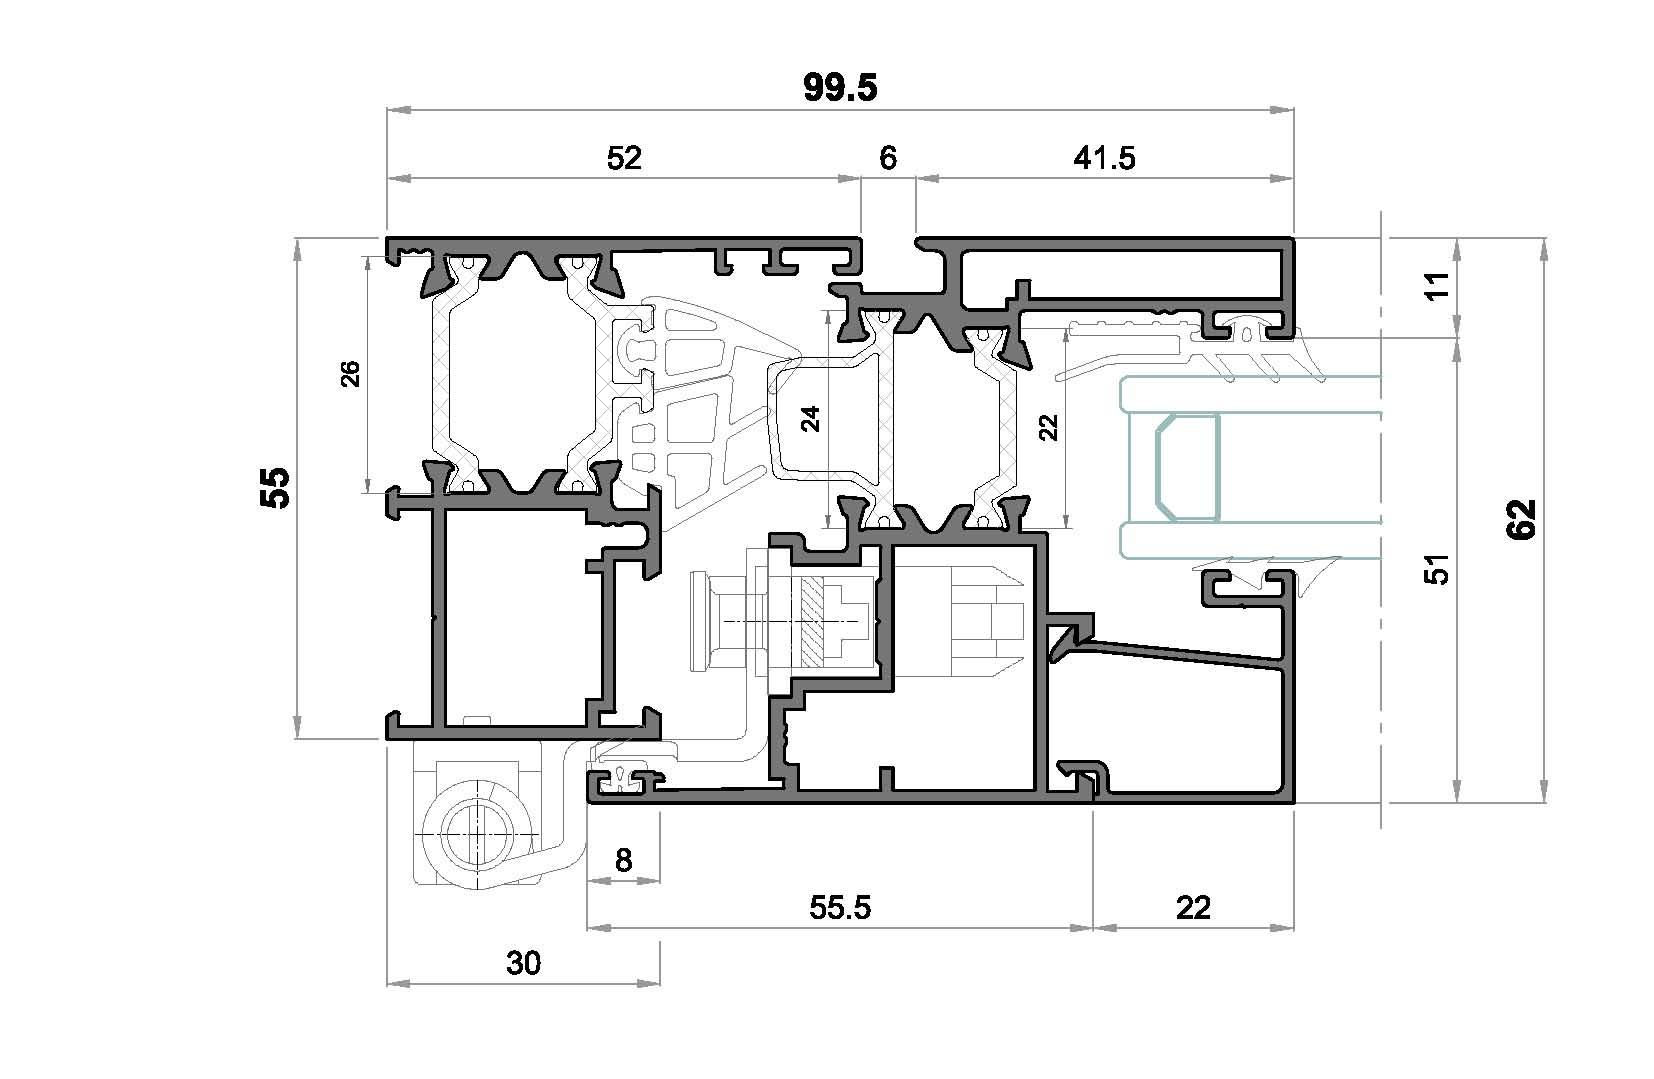 alg 55 C16-seccion lateral ventana